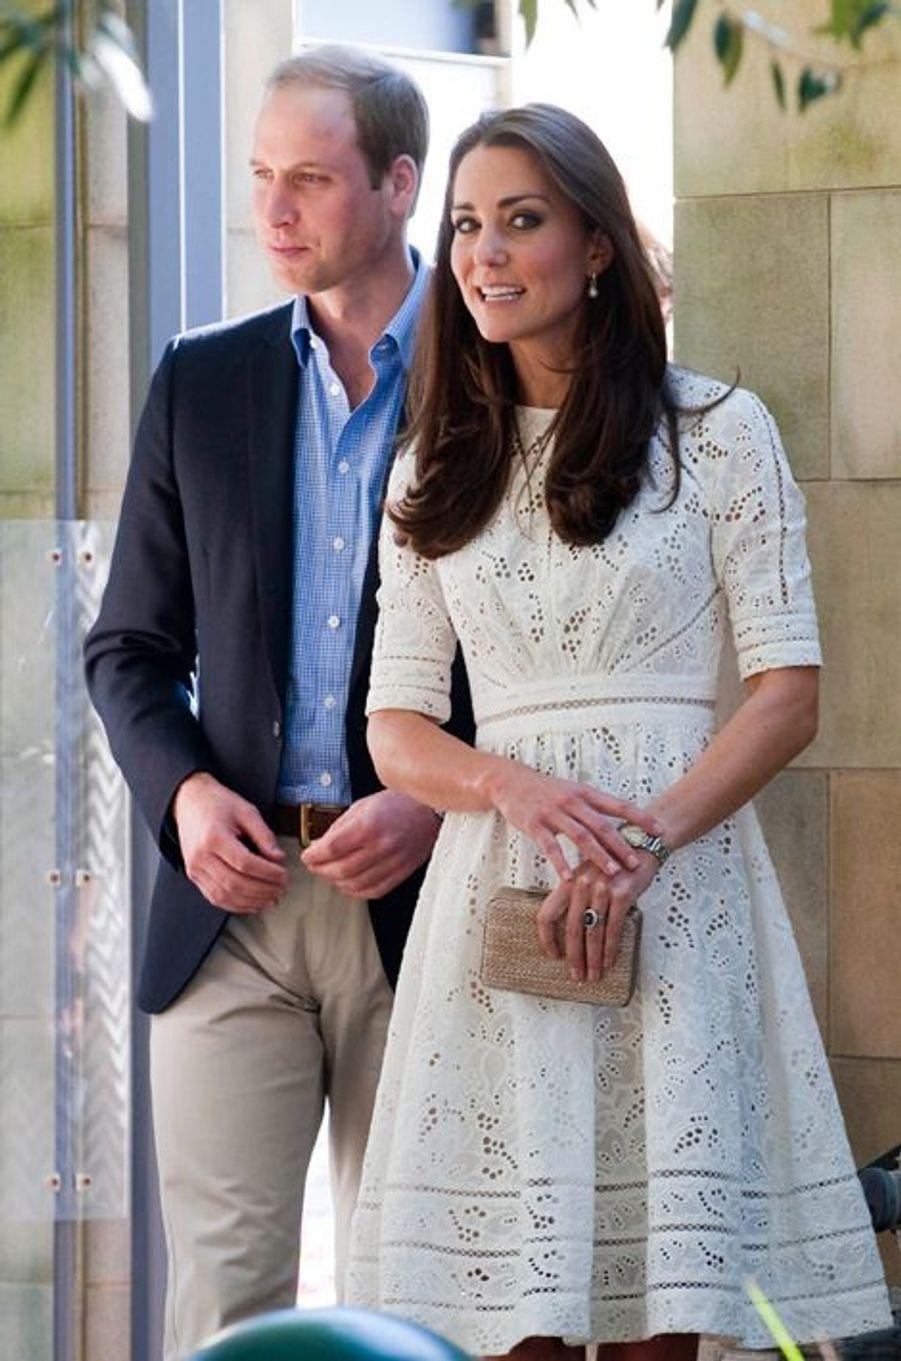 La duchesse Kate avec le prince William le 21 avril 2014 (à droite)